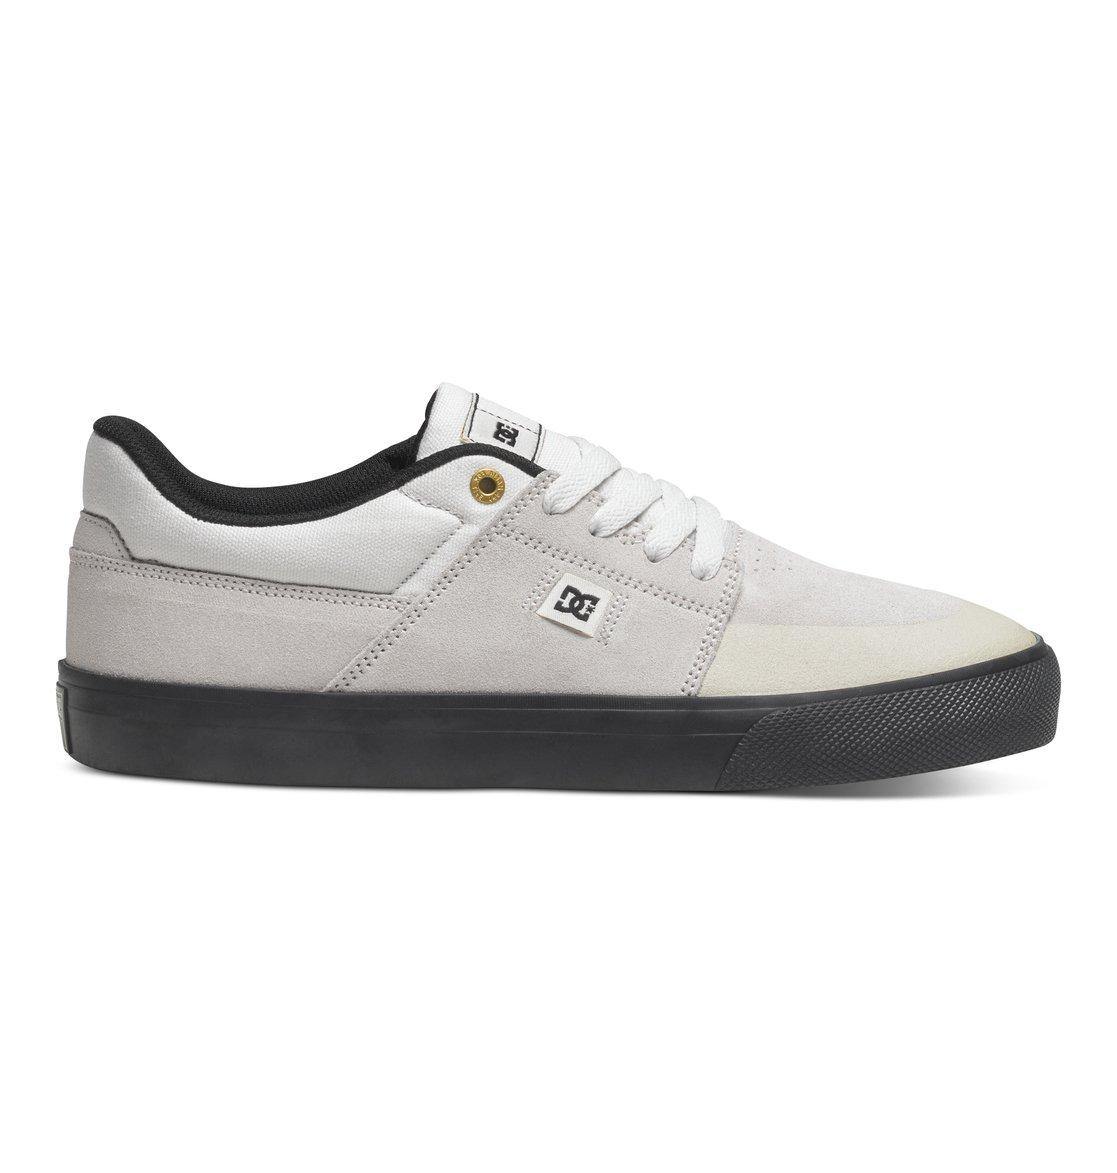 dc shoes Wes Kremer 2 S - Scarpe da skate da Uomo - Black - DC Shoes CmEURv